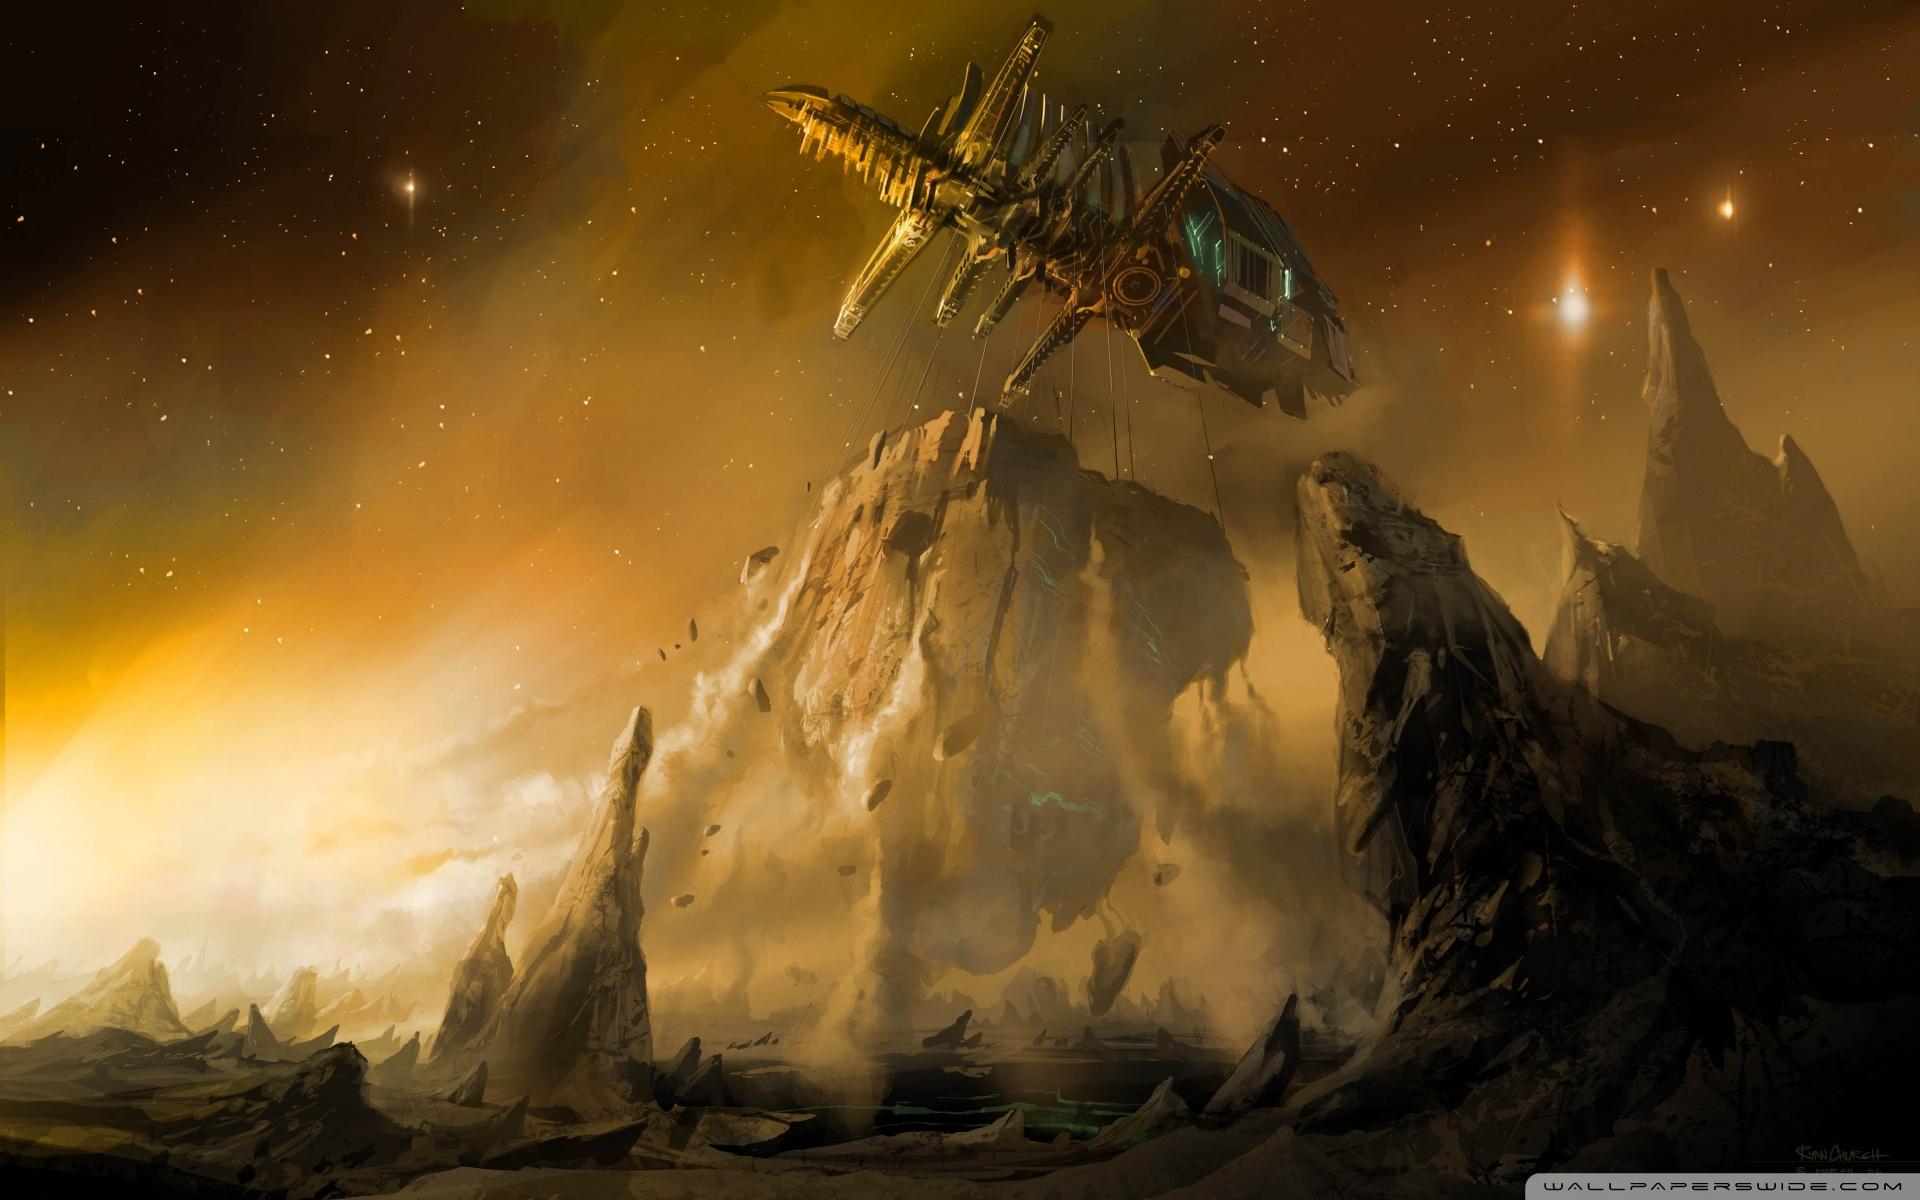 Dead Space Wallpaper Hd , HD Wallpaper & Backgrounds